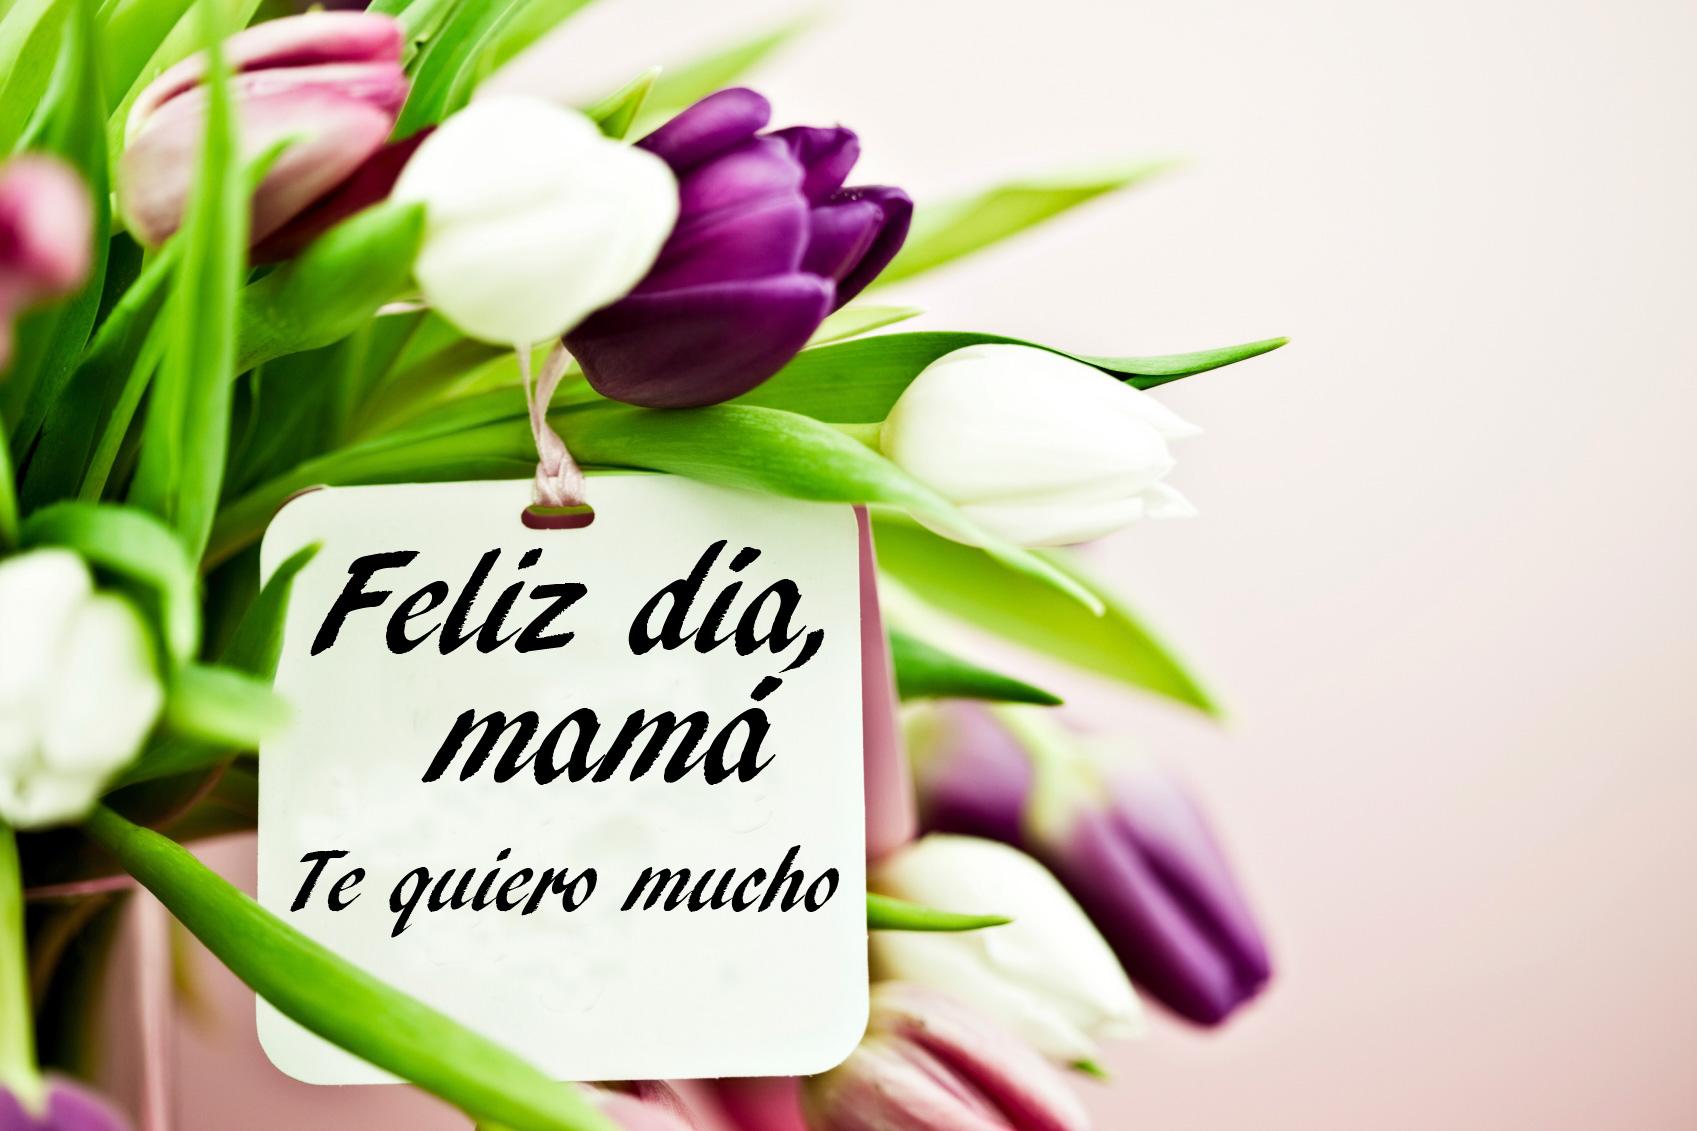 Imágenes Día De La Madre Para Whatsapp Y Facebook: Tarjetas Dia De La Madre Para Enviar E Imprimir Gratis